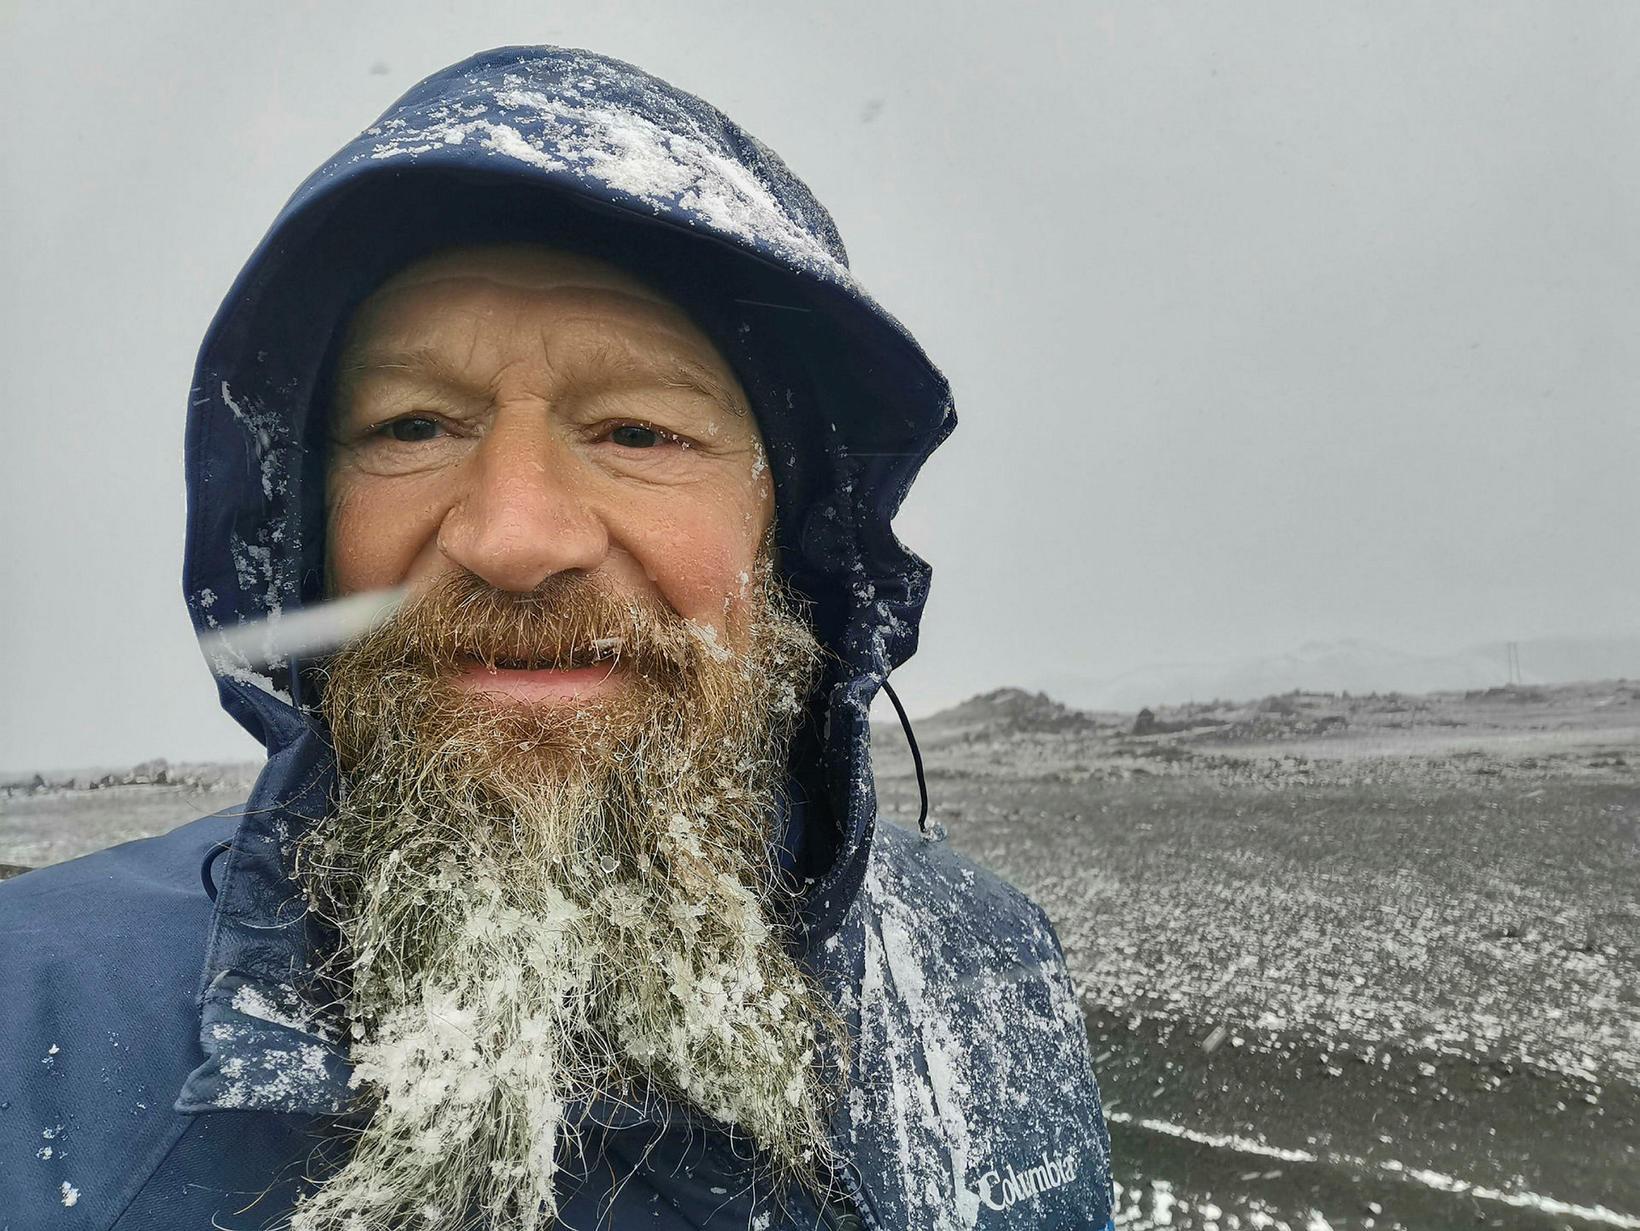 Mikill snjór í skeggi Thierrys Danzins þrátt fyrir sumaryl í …